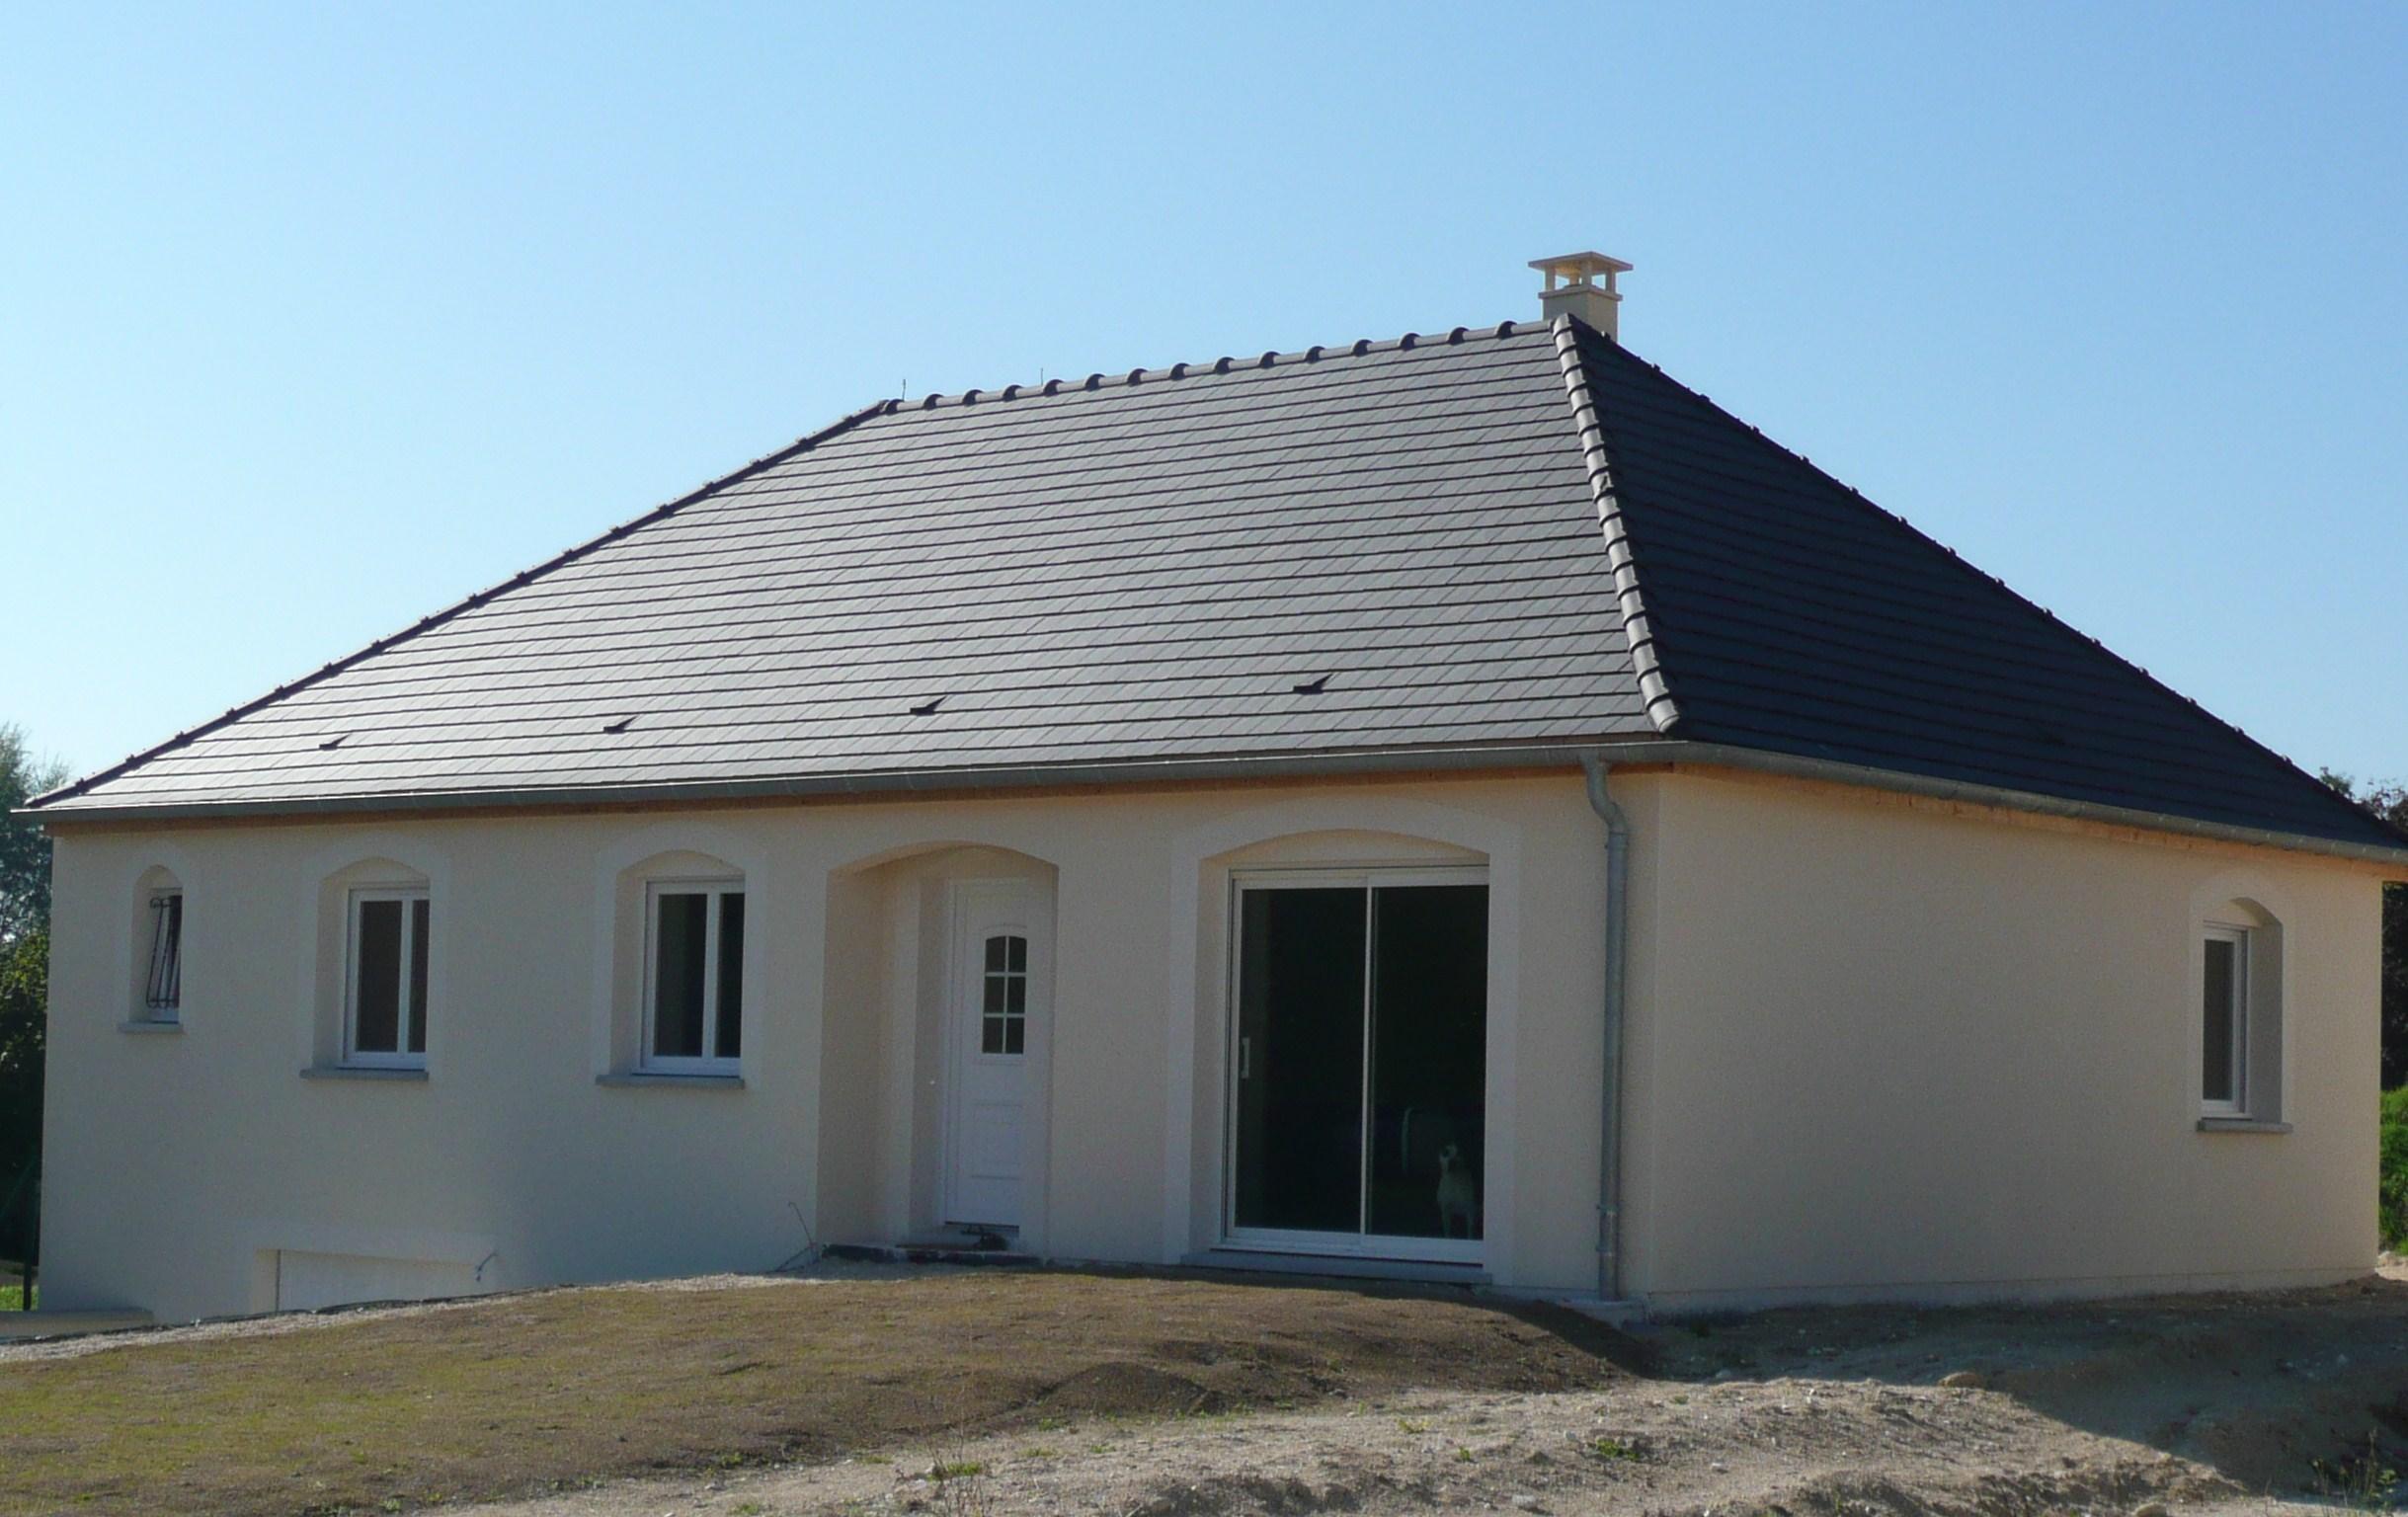 Constructeur maison bois reims maison moderne for Constructeur maison reims